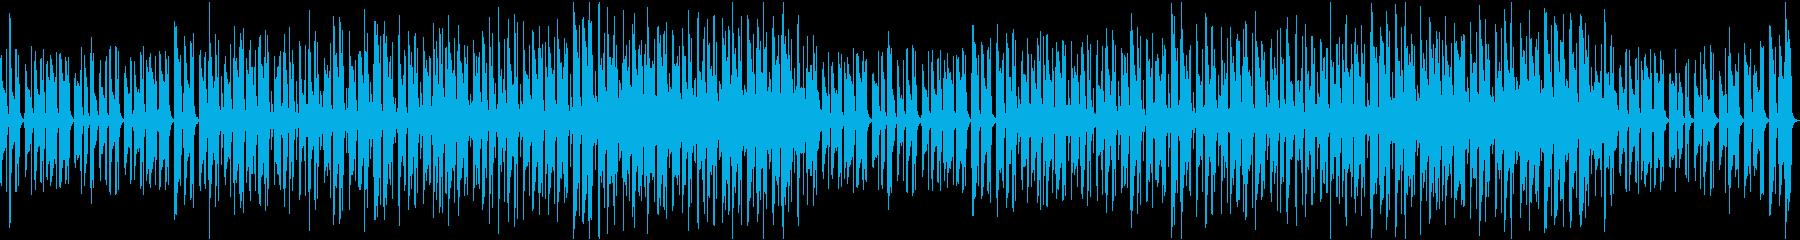 爽やかゆったりほのぼの軽快なボサノバgの再生済みの波形